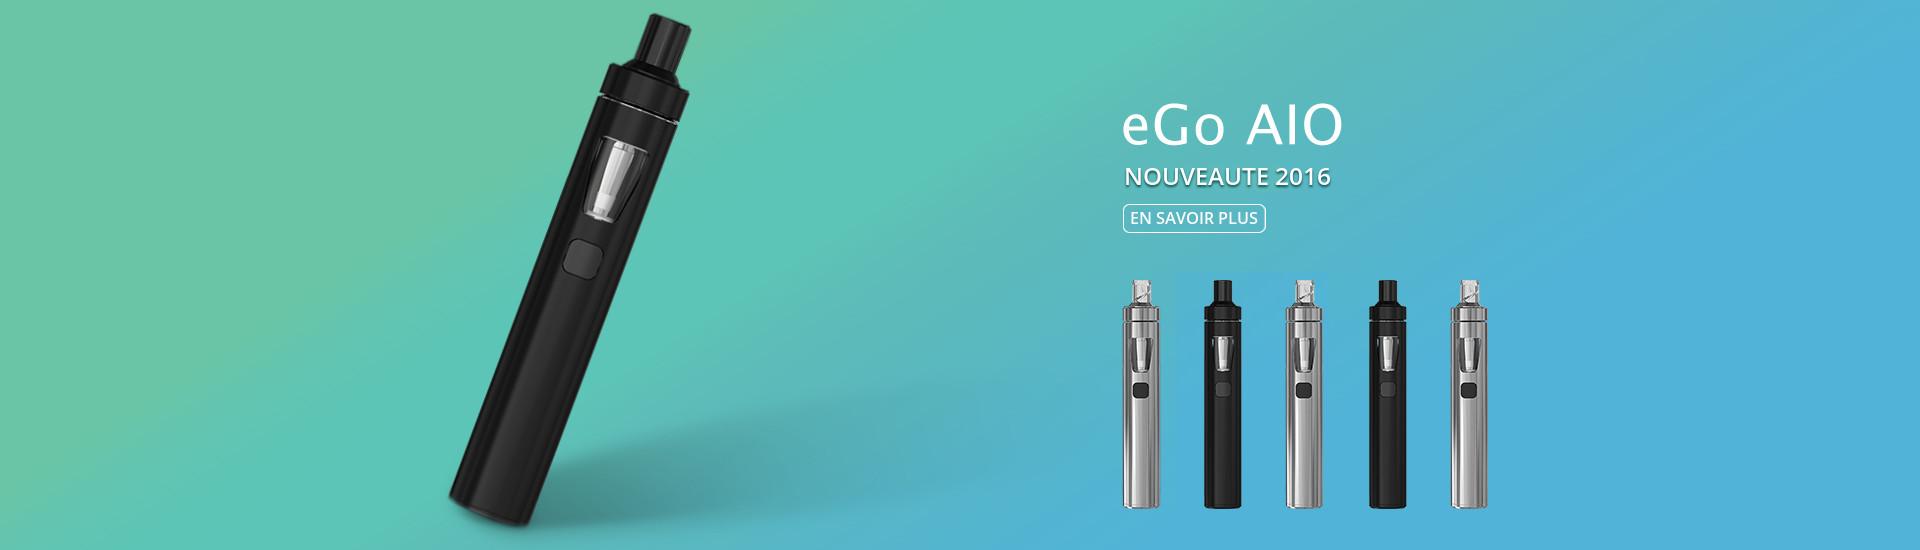 cigarette électronqiue ego AIO